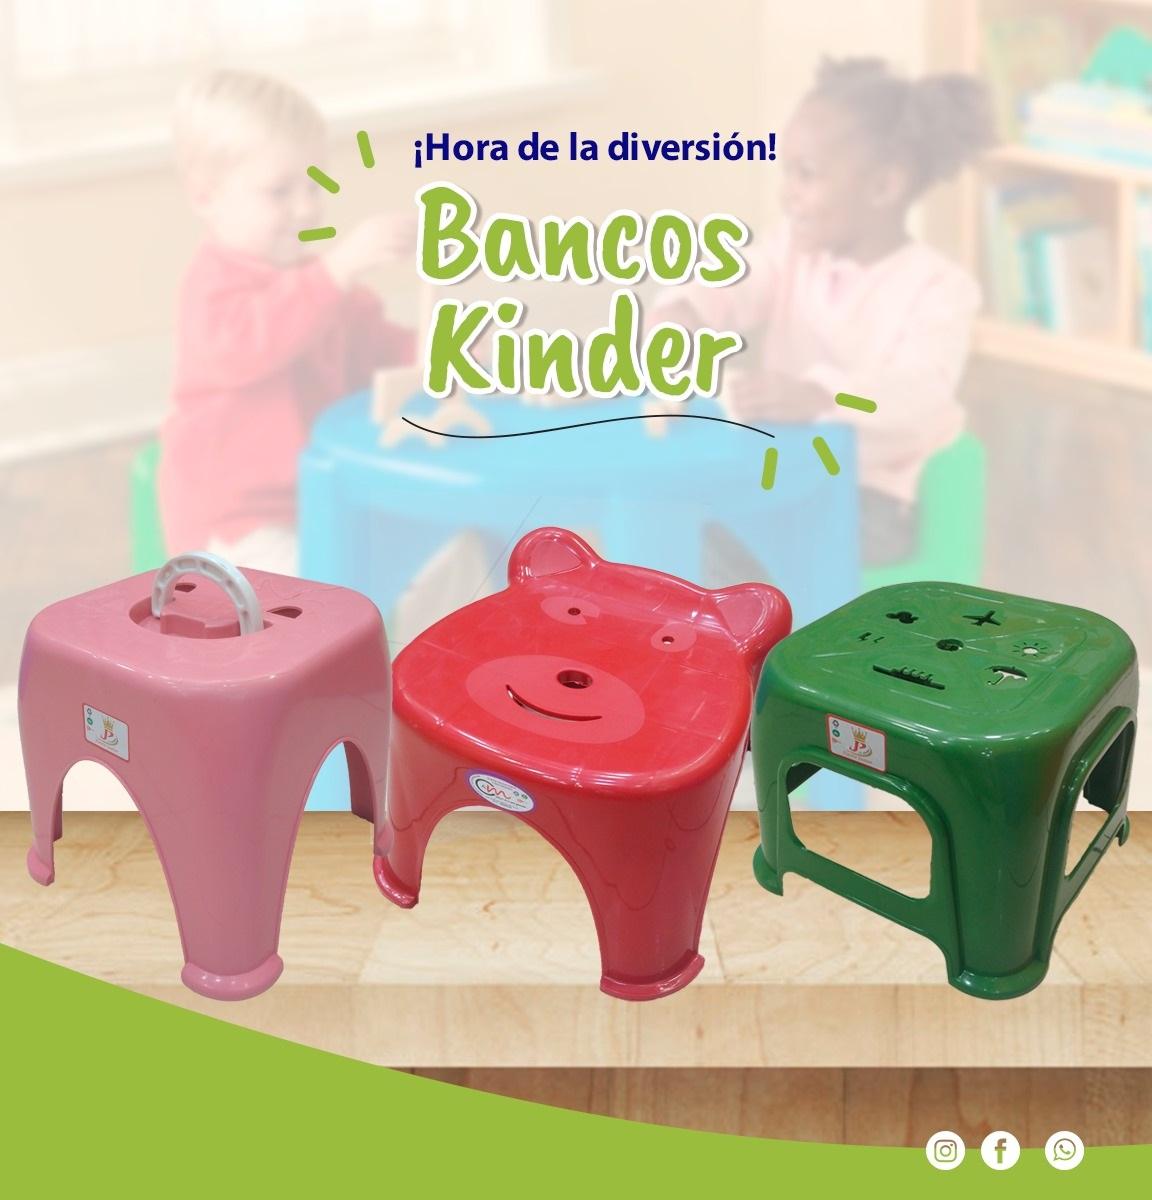 Bancos Kinder